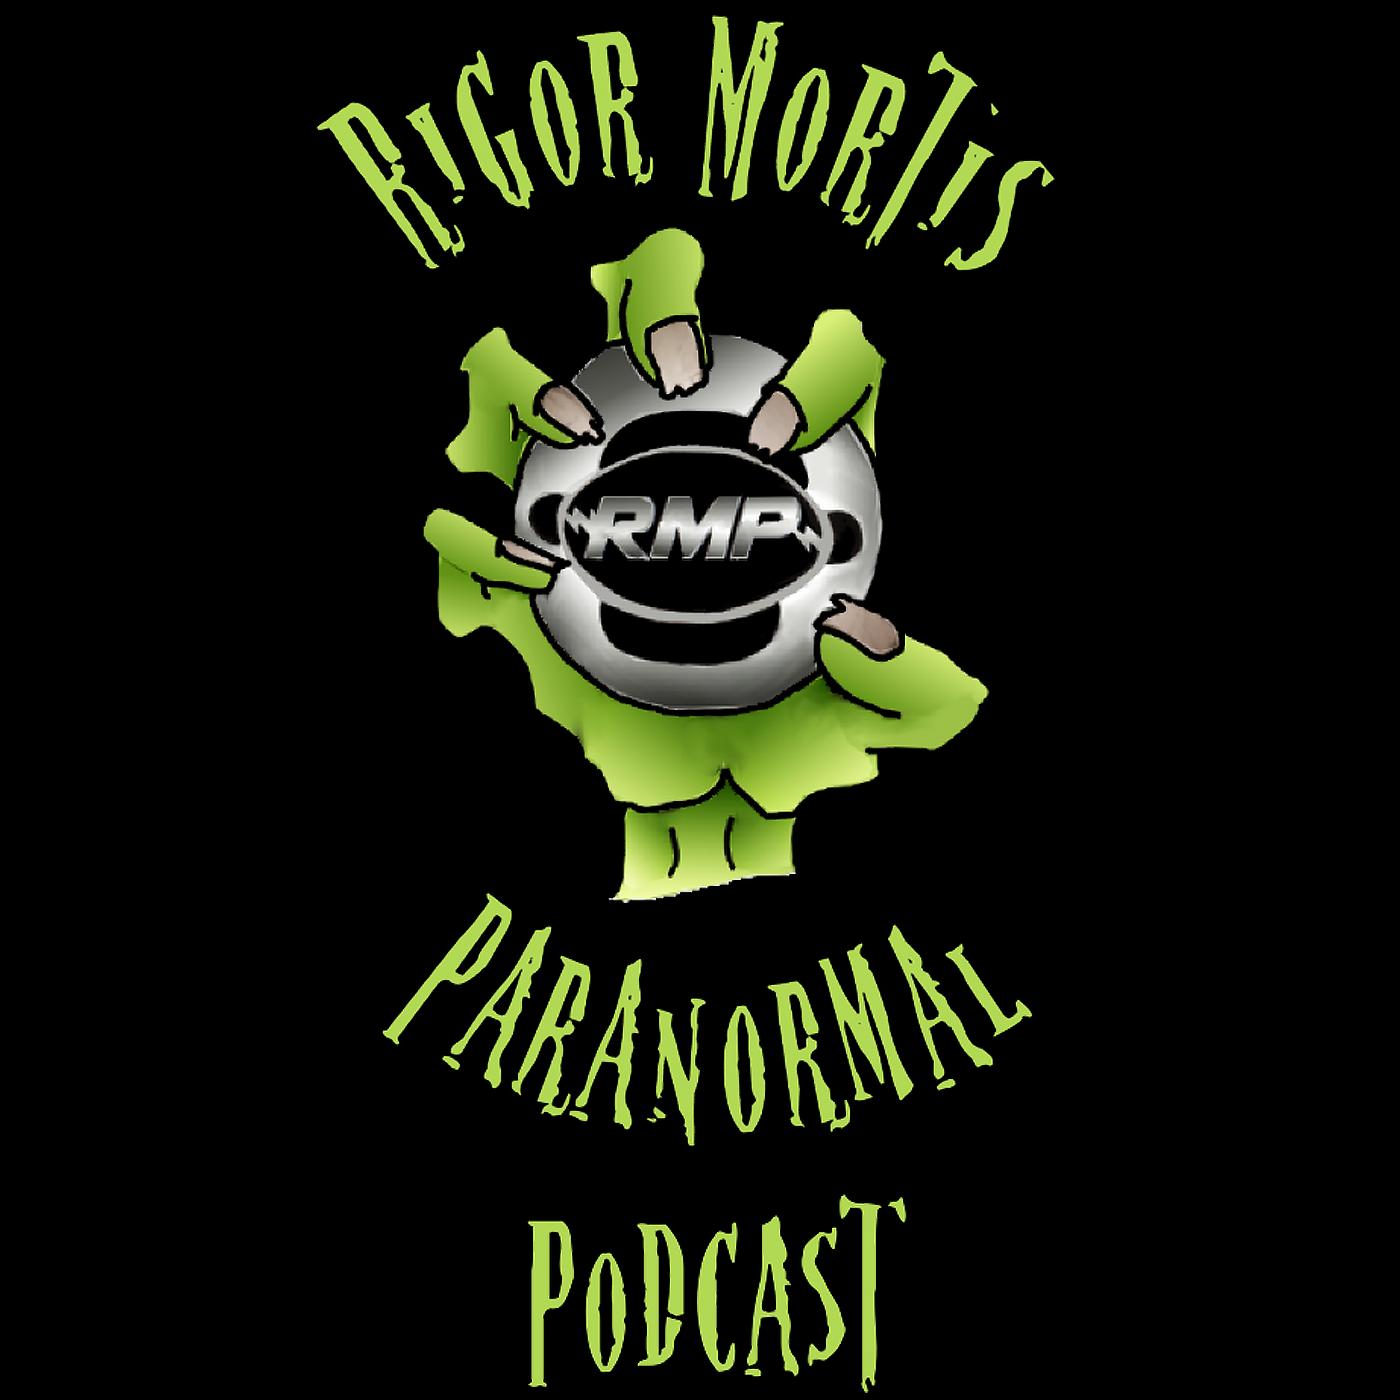 Rigor Mortis Paranormal Podcast | Listen via Stitcher for